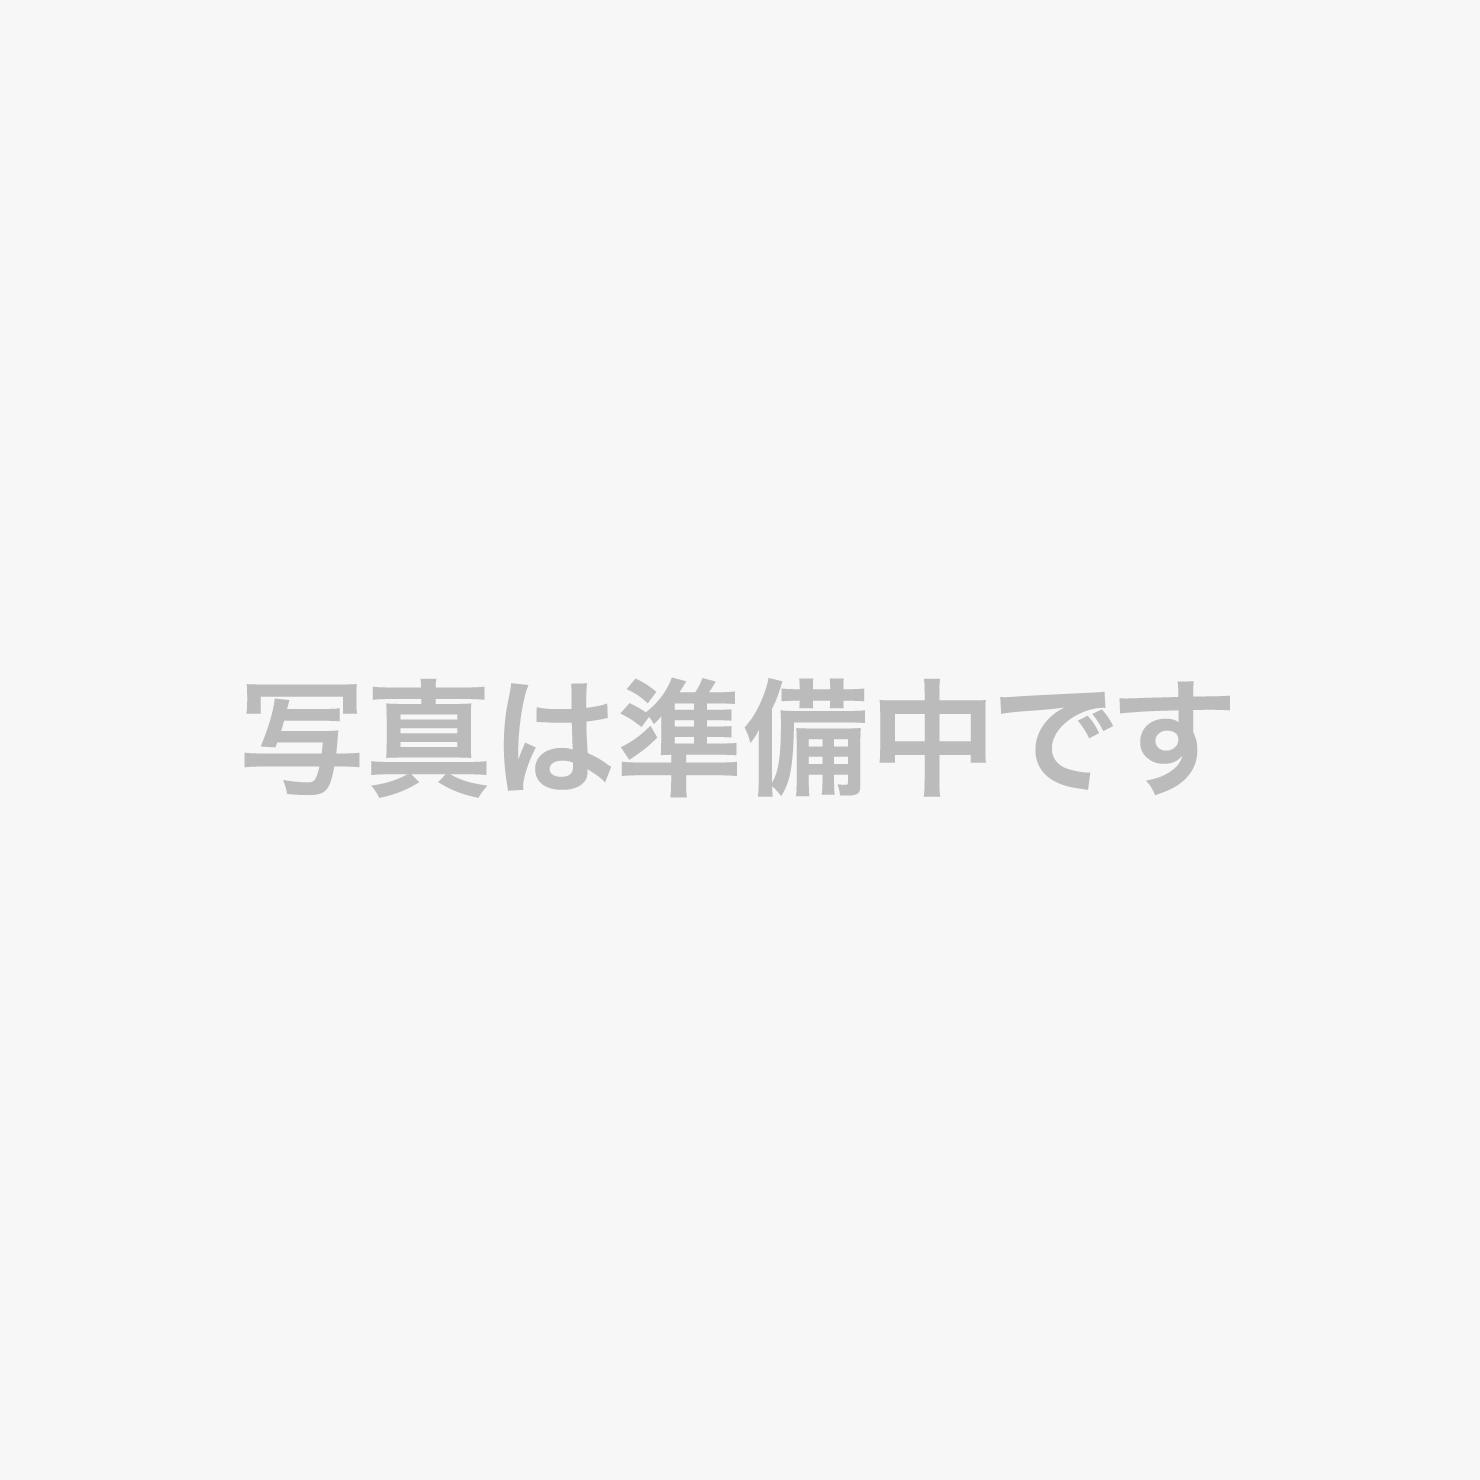 料理長お勧めコース(イメージ)■和風ダイニング「やえびし」<営業時間>17:30~22:00(ラストオーダー21:00)